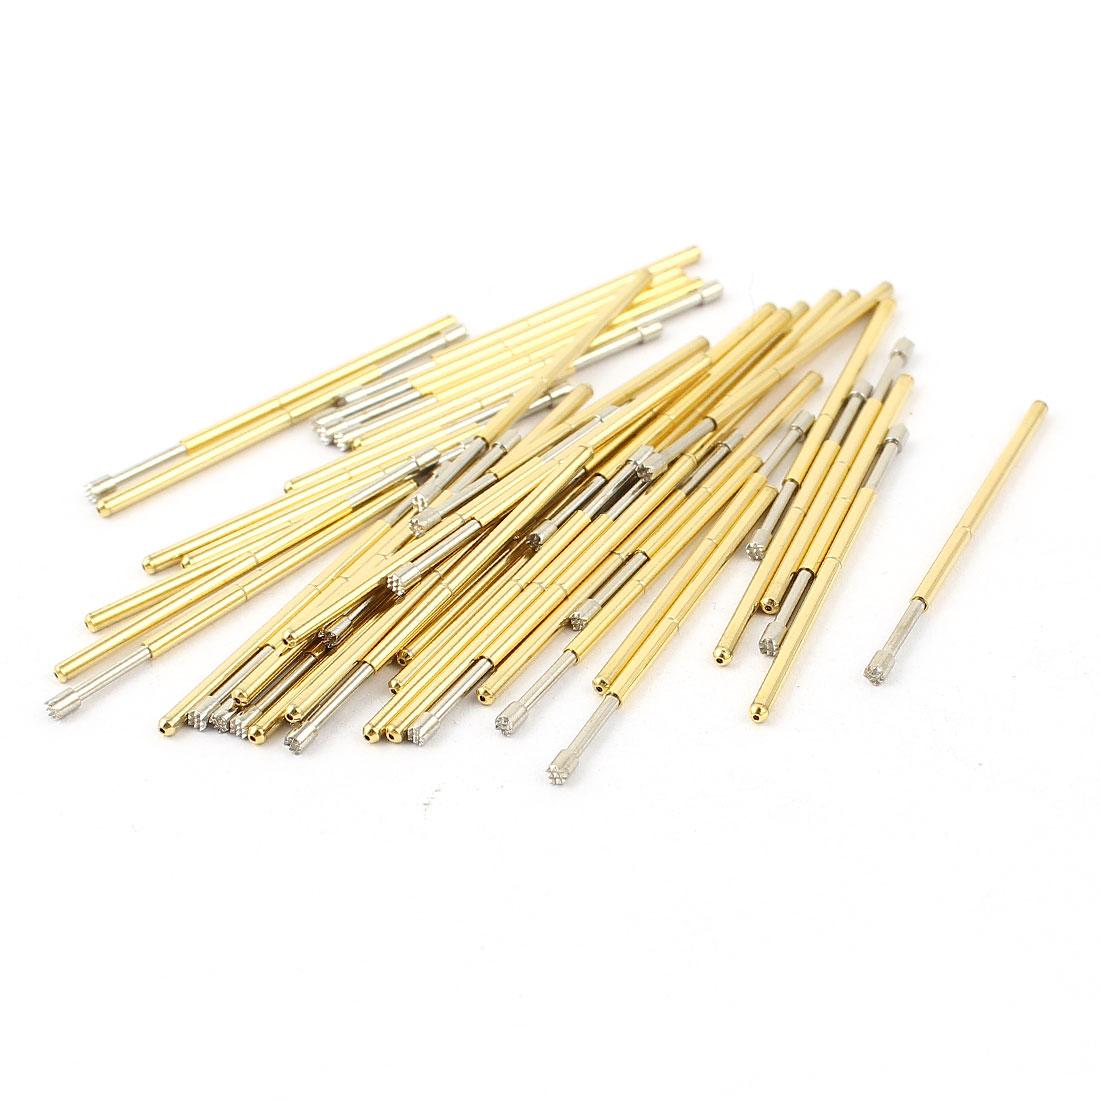 50 Pcs P100-H2 1.5mm 9-Point Crown Tip Spring Testing Probes Pin